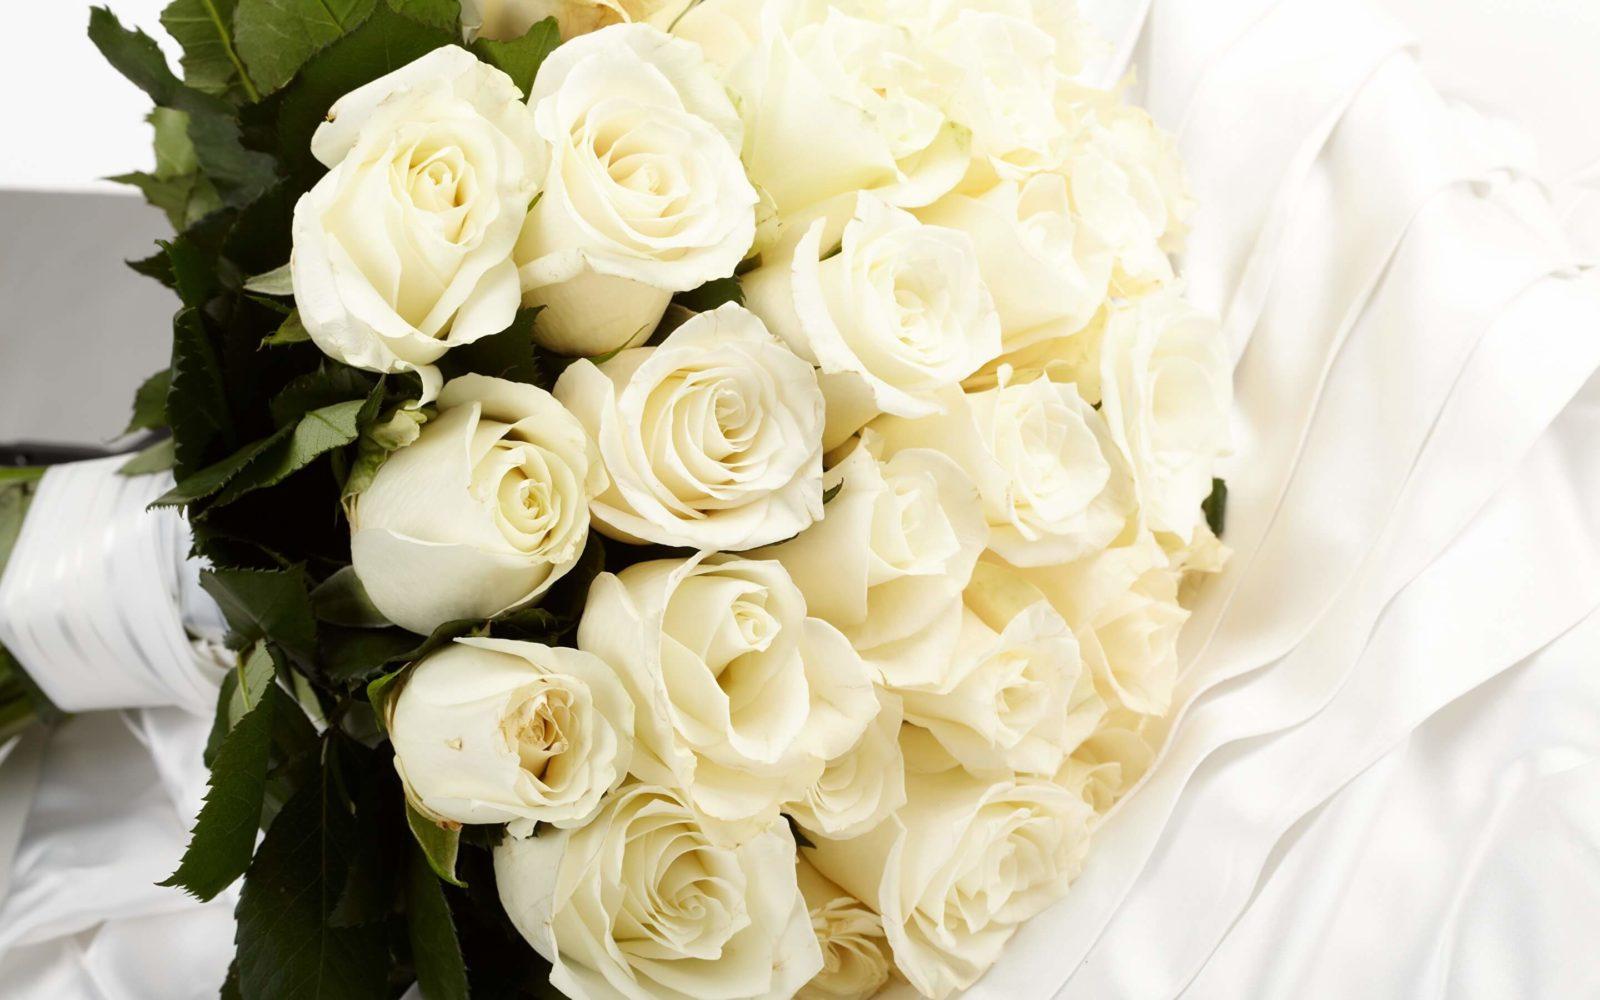 К чему дарят белые розы и что означают эти цветы